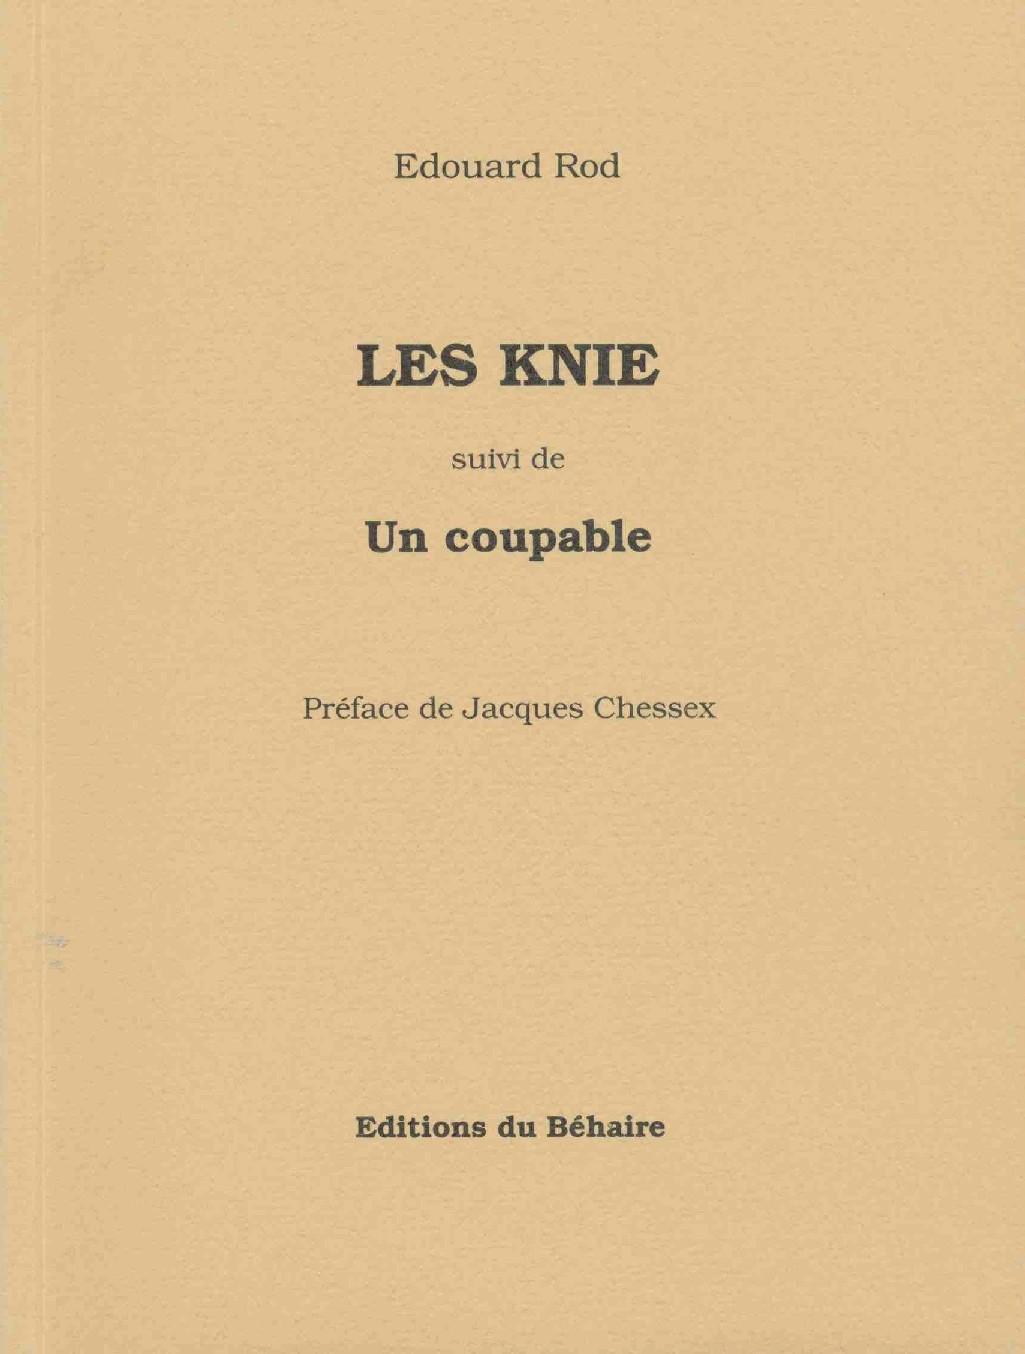 Les Knie ; suivi de Un coupable, Rod, Edouard